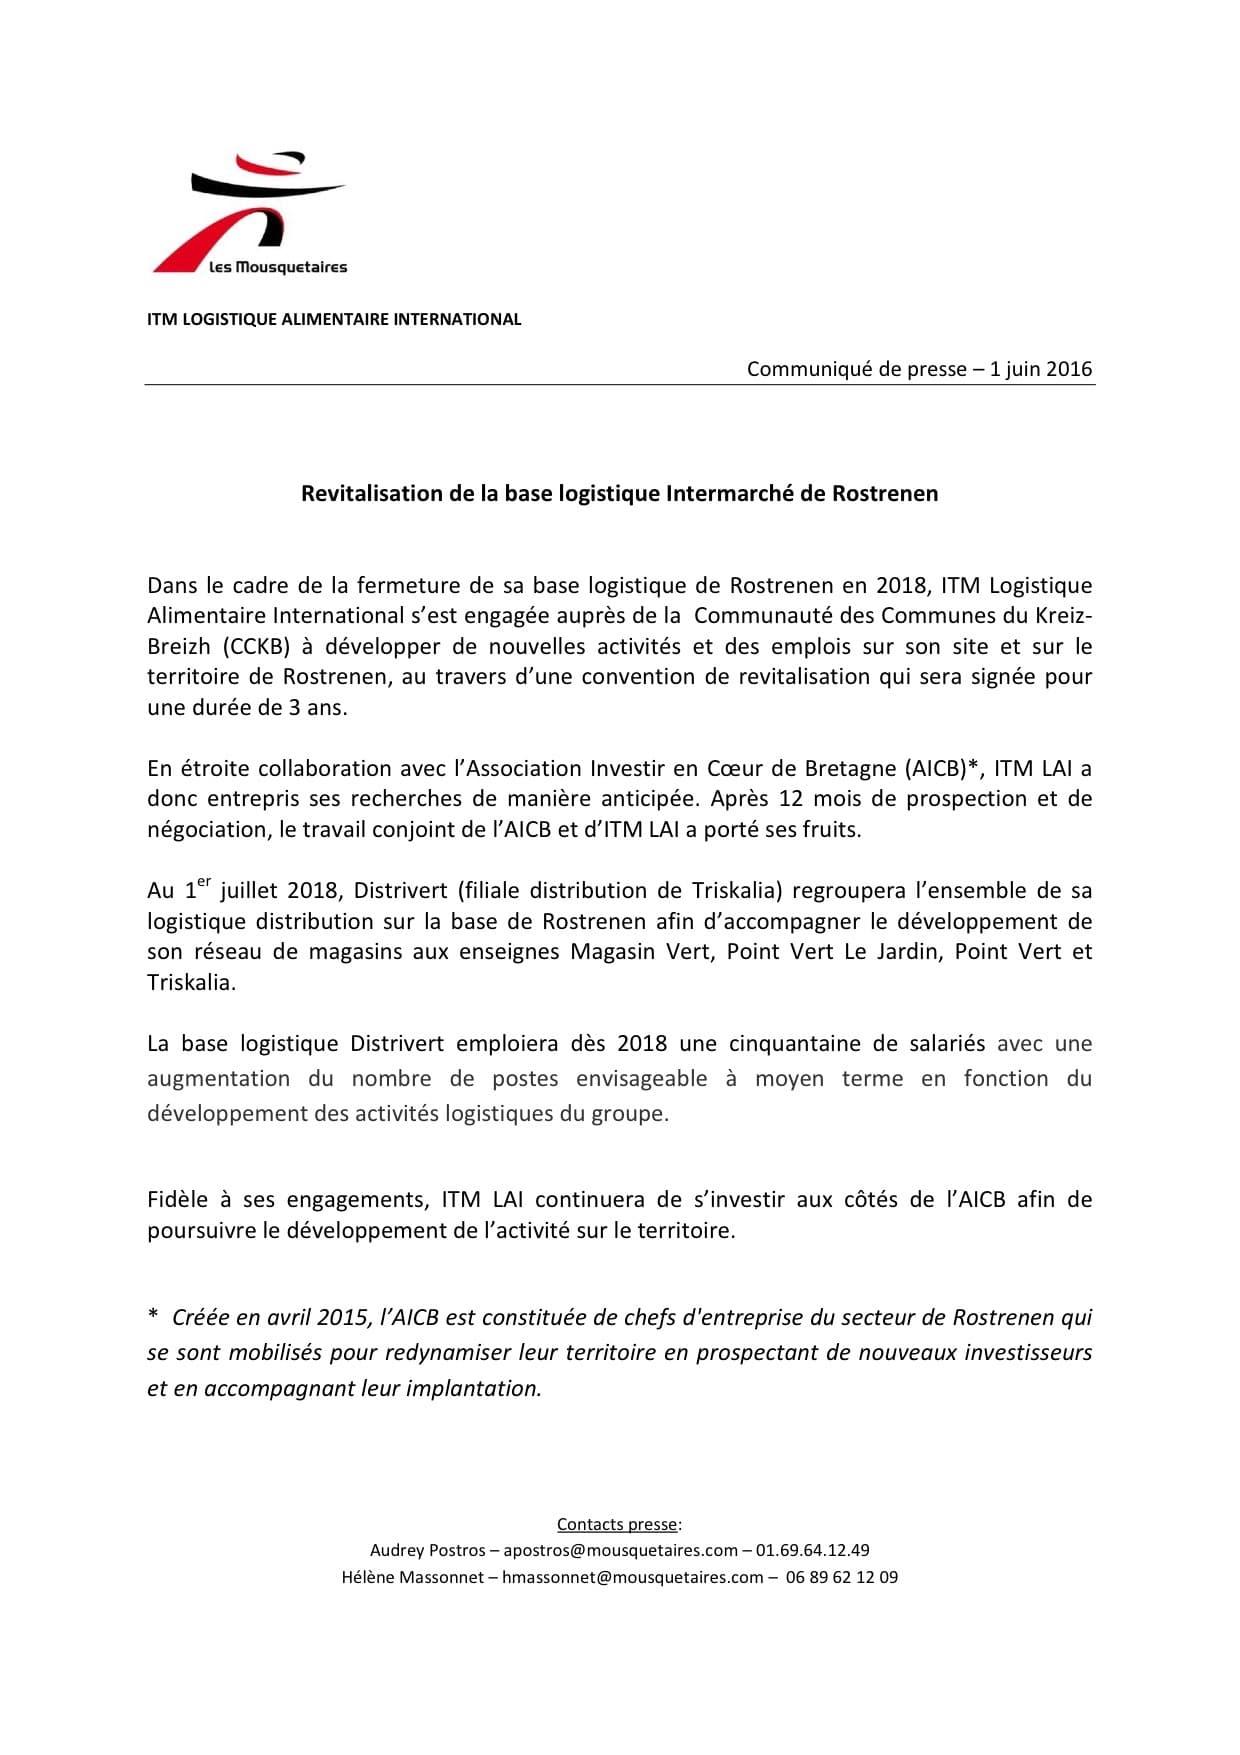 Communiqué de presse - ITM - Revitalisation de la base logistique intermarché de Rostrenen